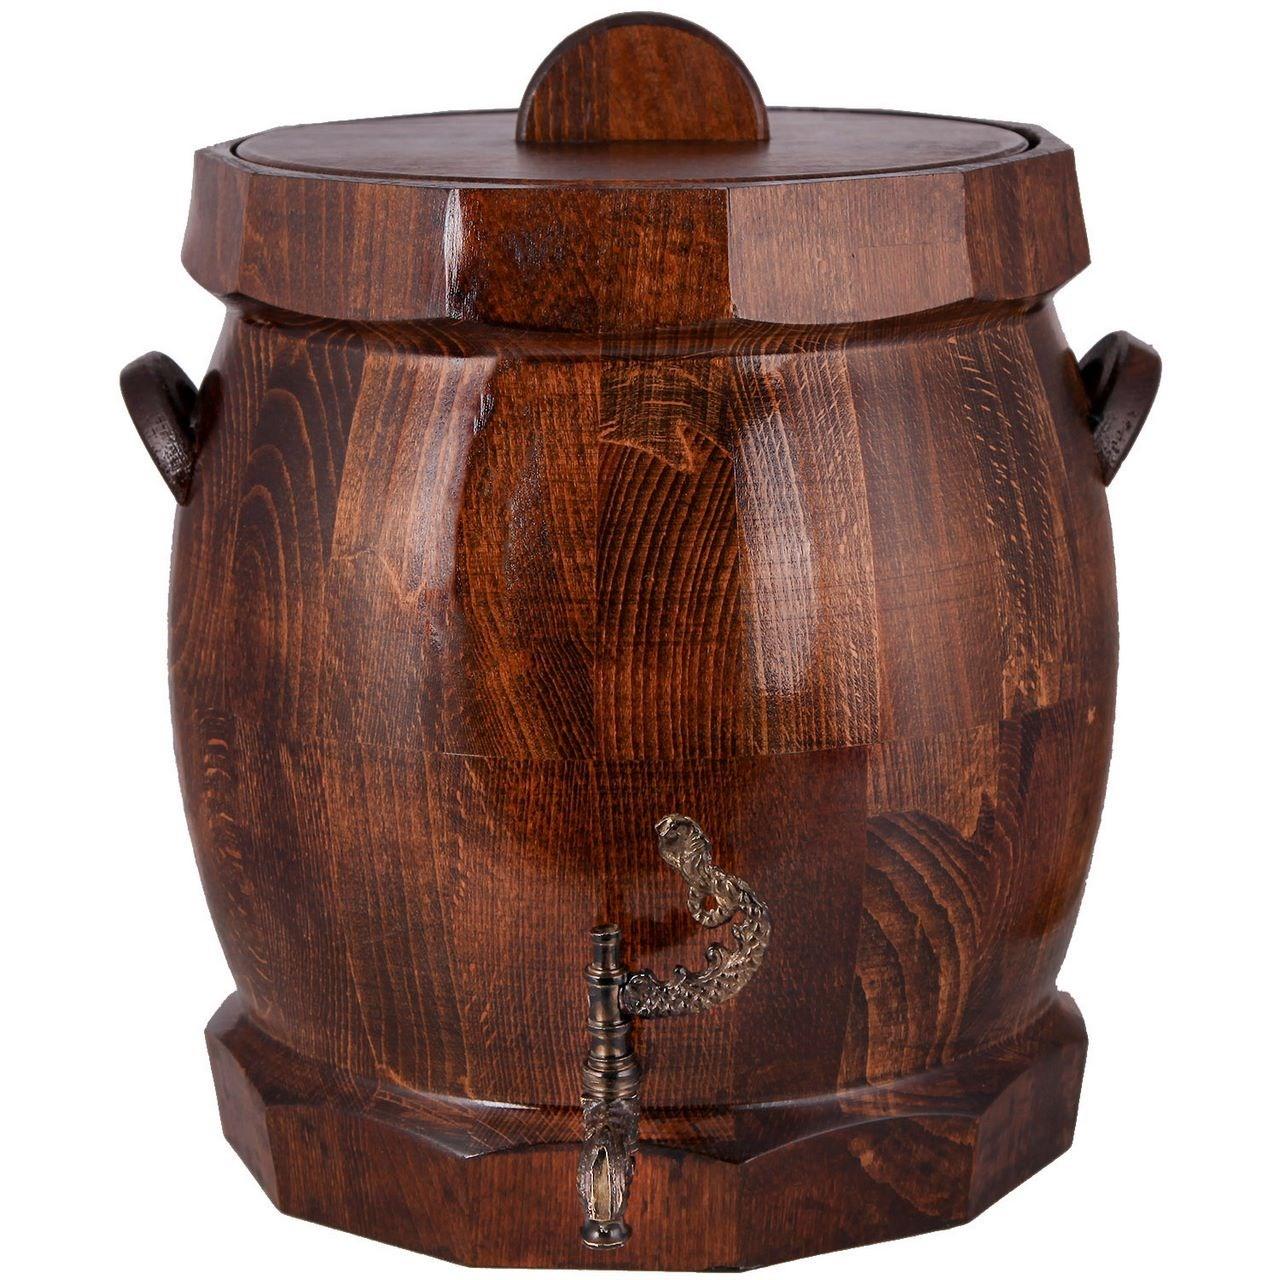 کلمن چوبی خانه چوبی طرح بشکه کد 610001